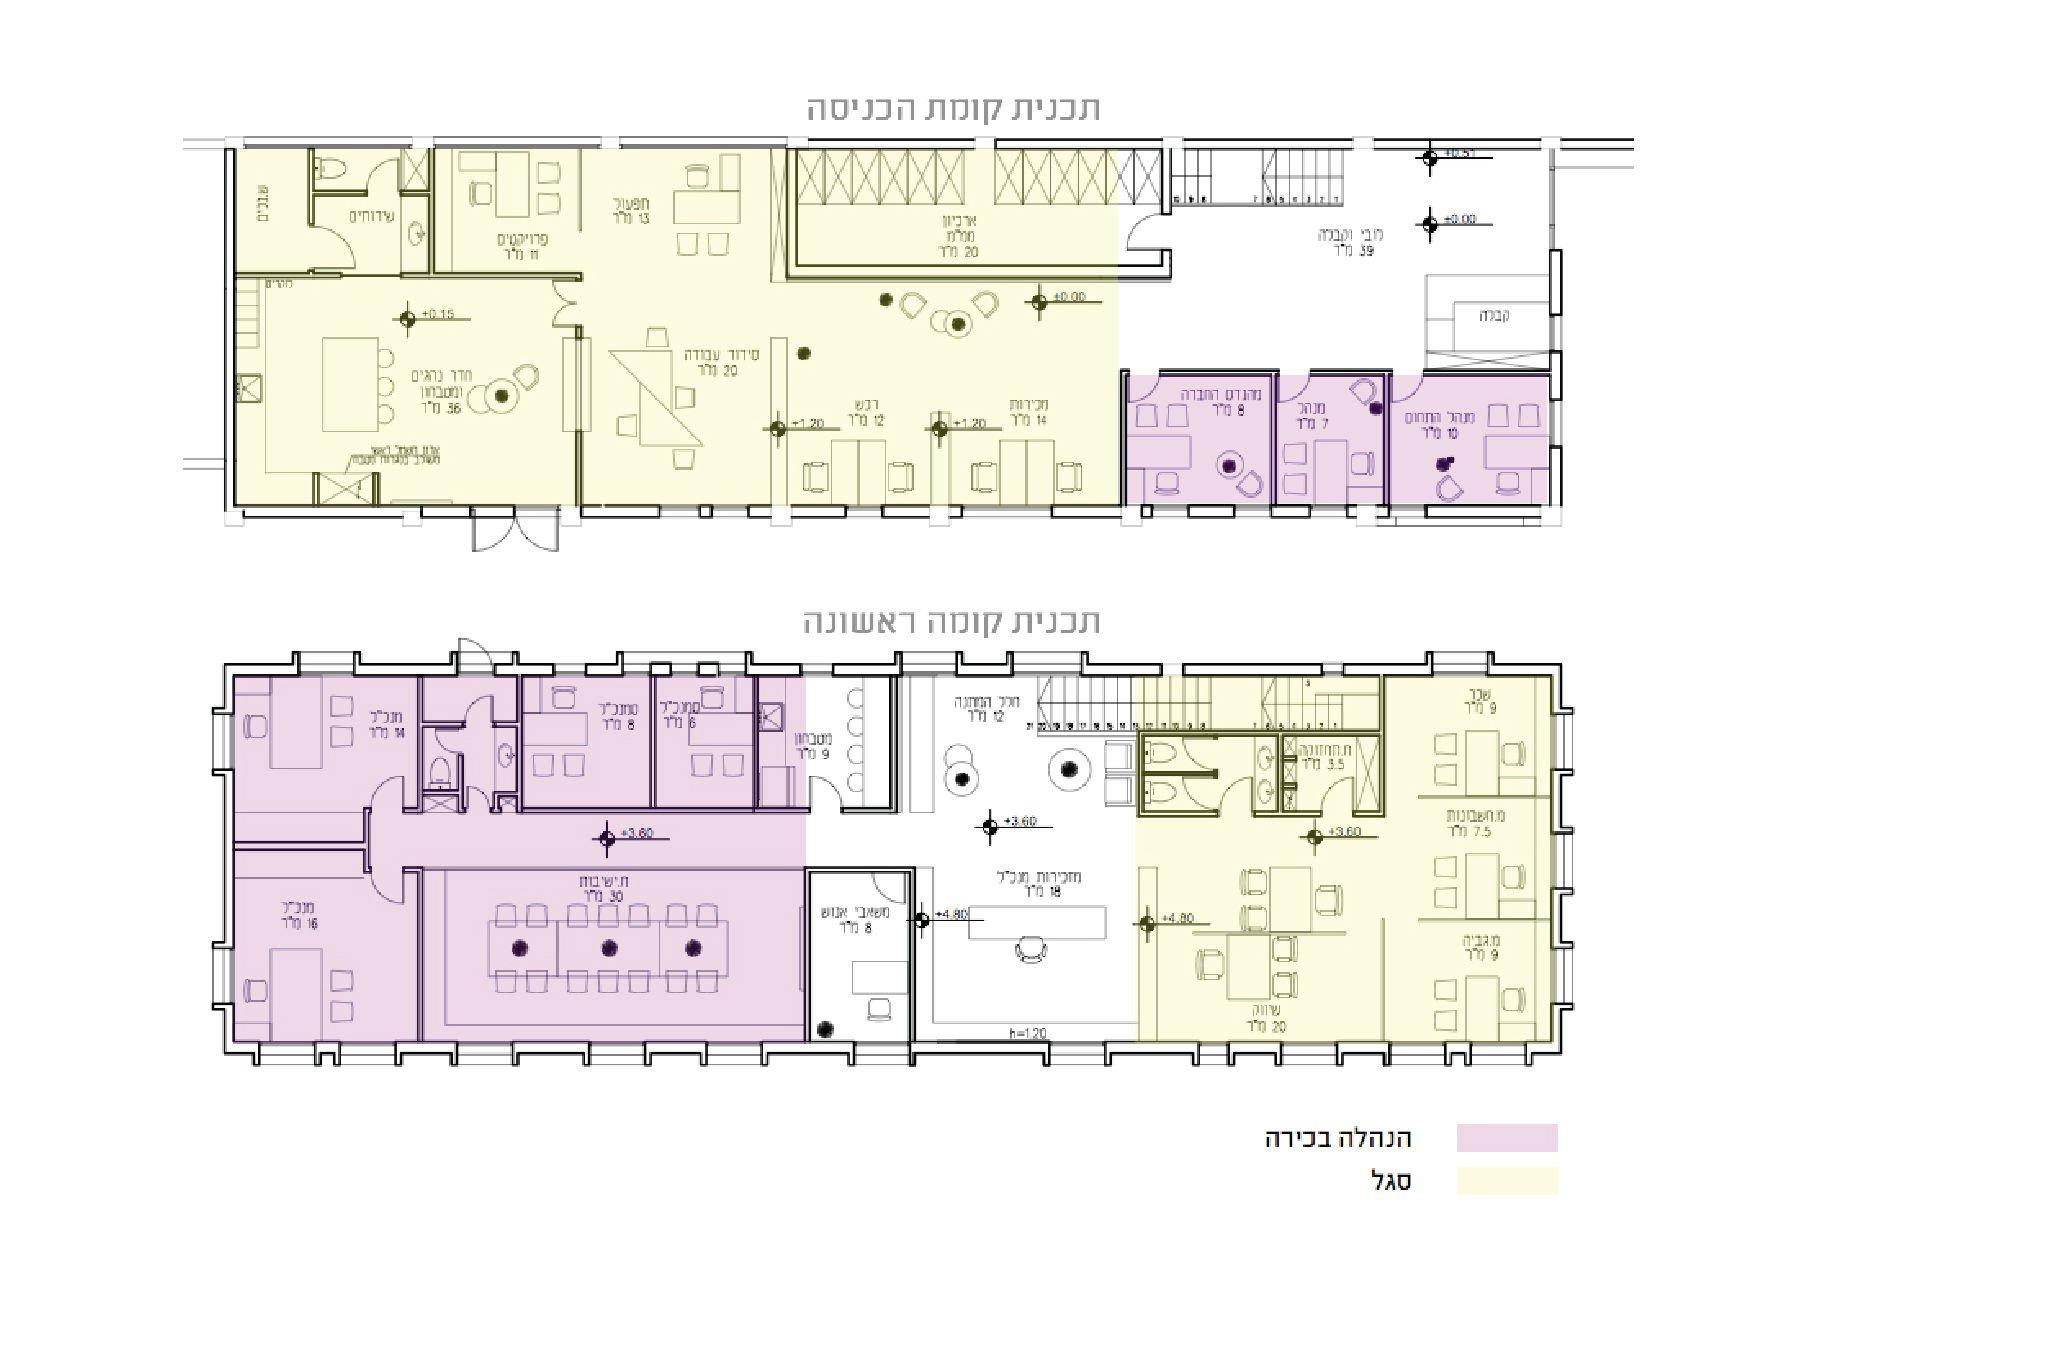 תכנית אדריכלית- מבנה משרדים- סגל והנהלה בכירה